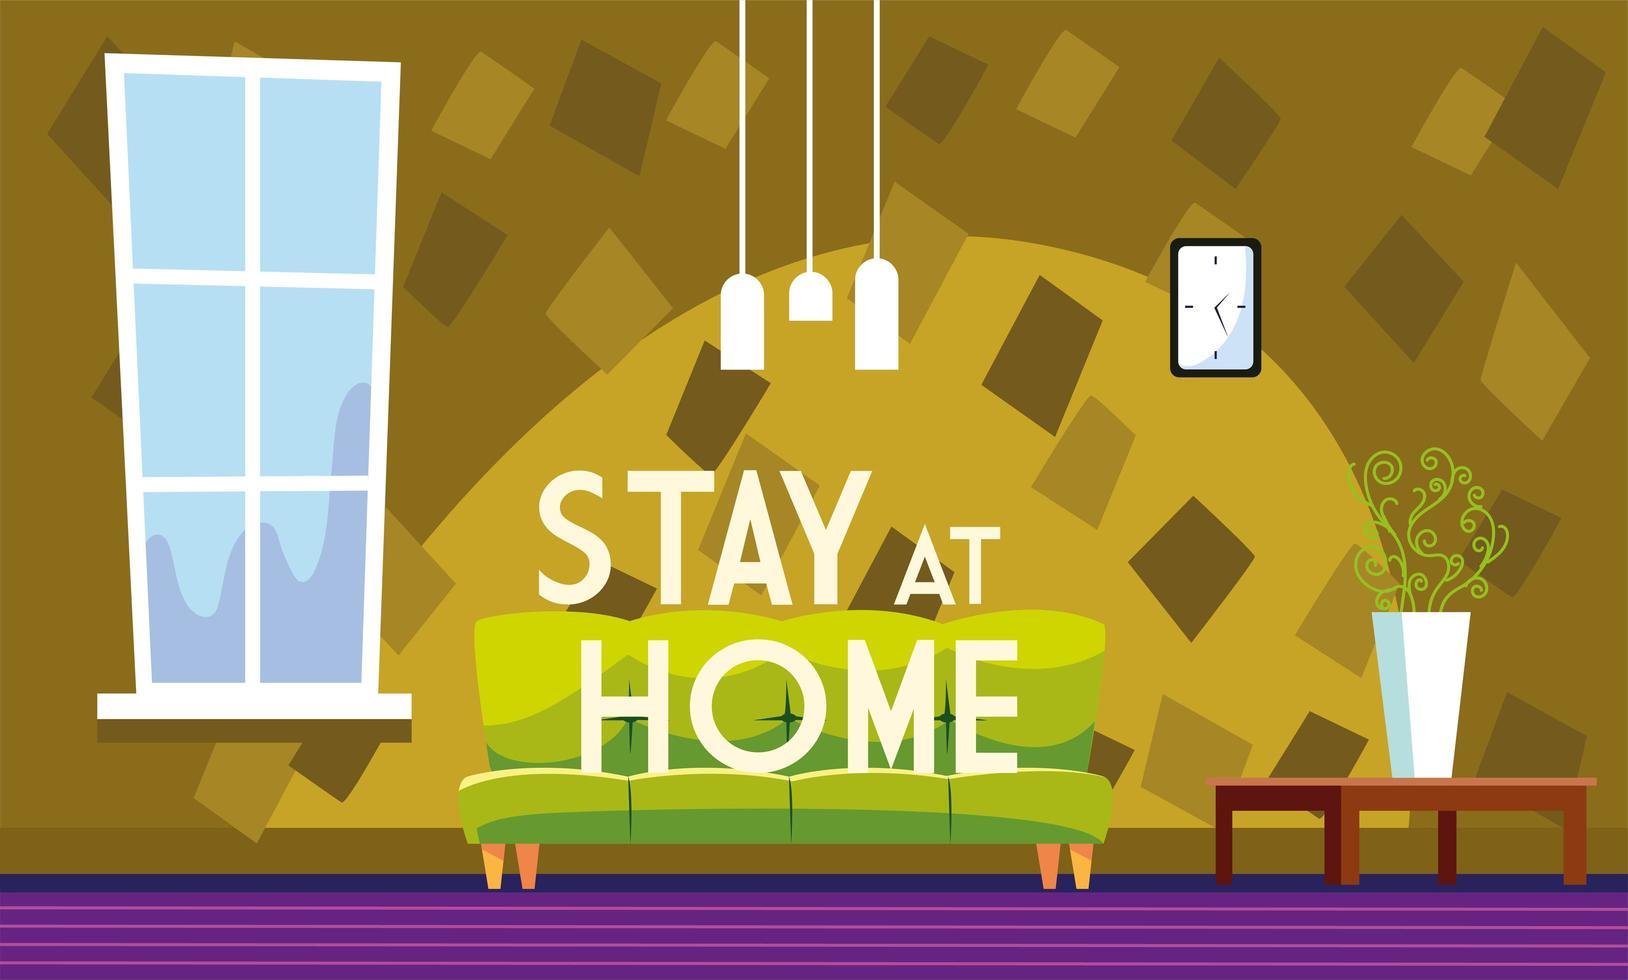 quedarse en casa texto y sala de estar sin gente vector